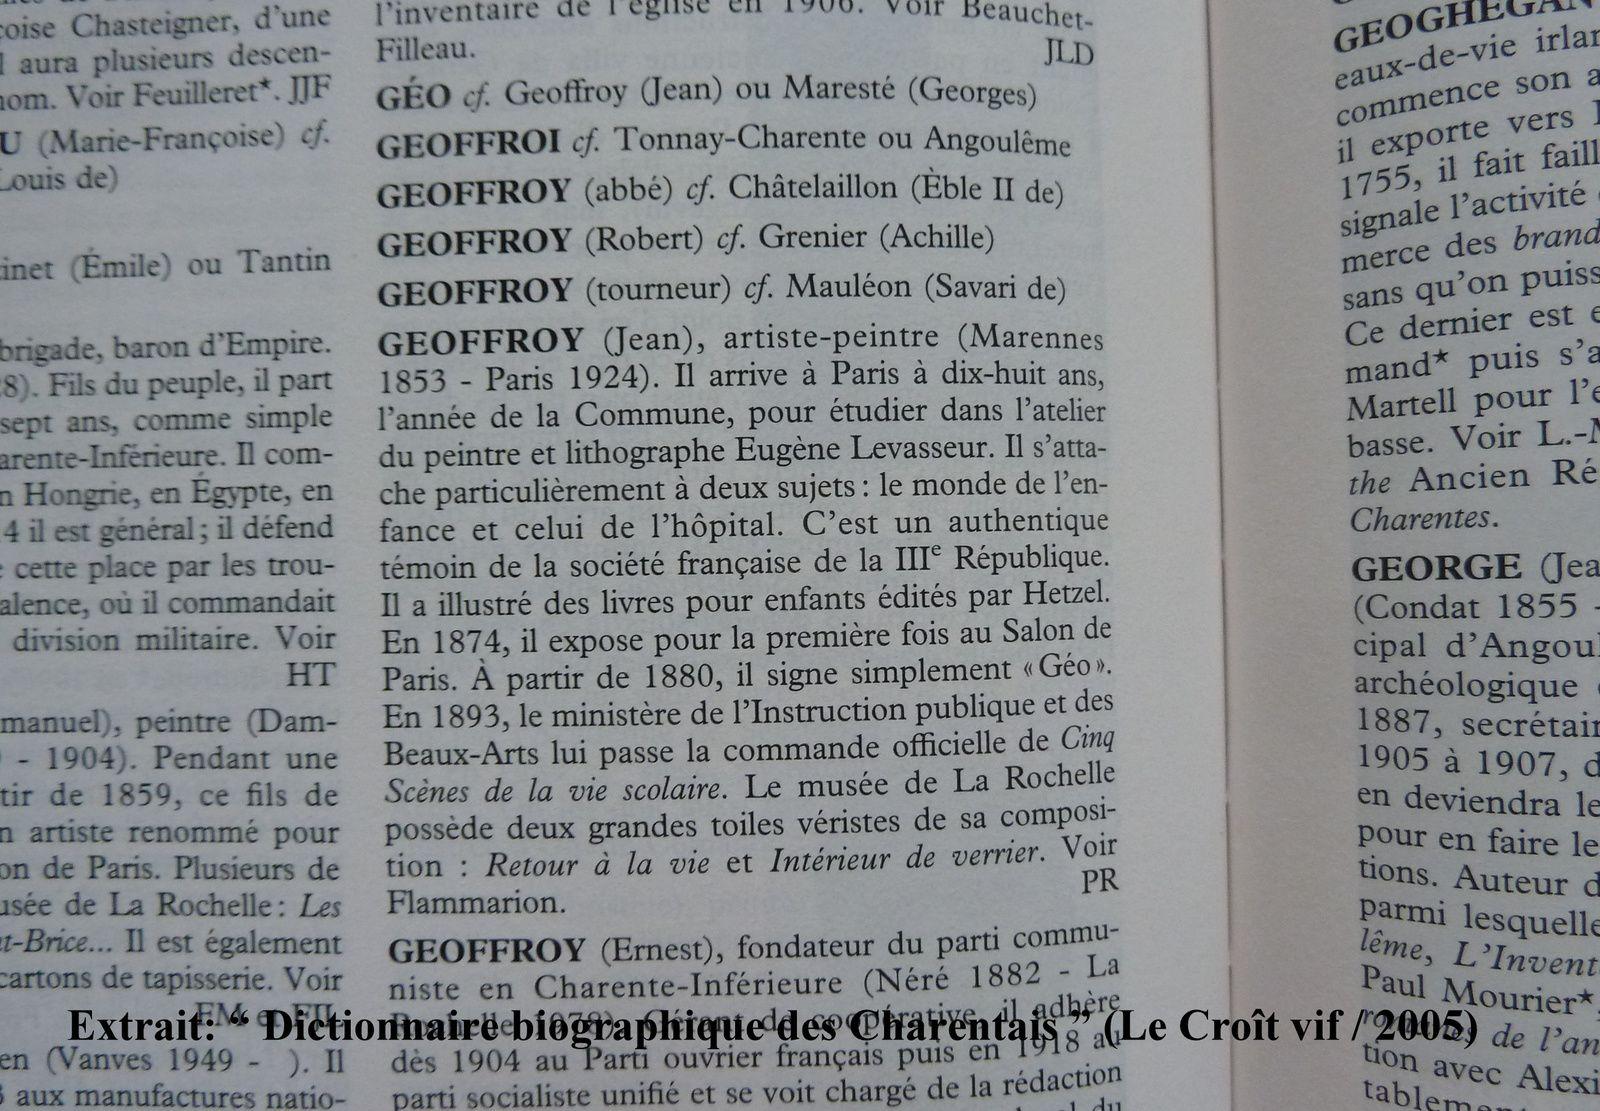 12 - Images.. avec Miss Poitou-Charentes: Mathilde, les thermes romains, un curieux ciel - Jean Geoffroy.. un peintre scolaire..!! A Saintes et au musée